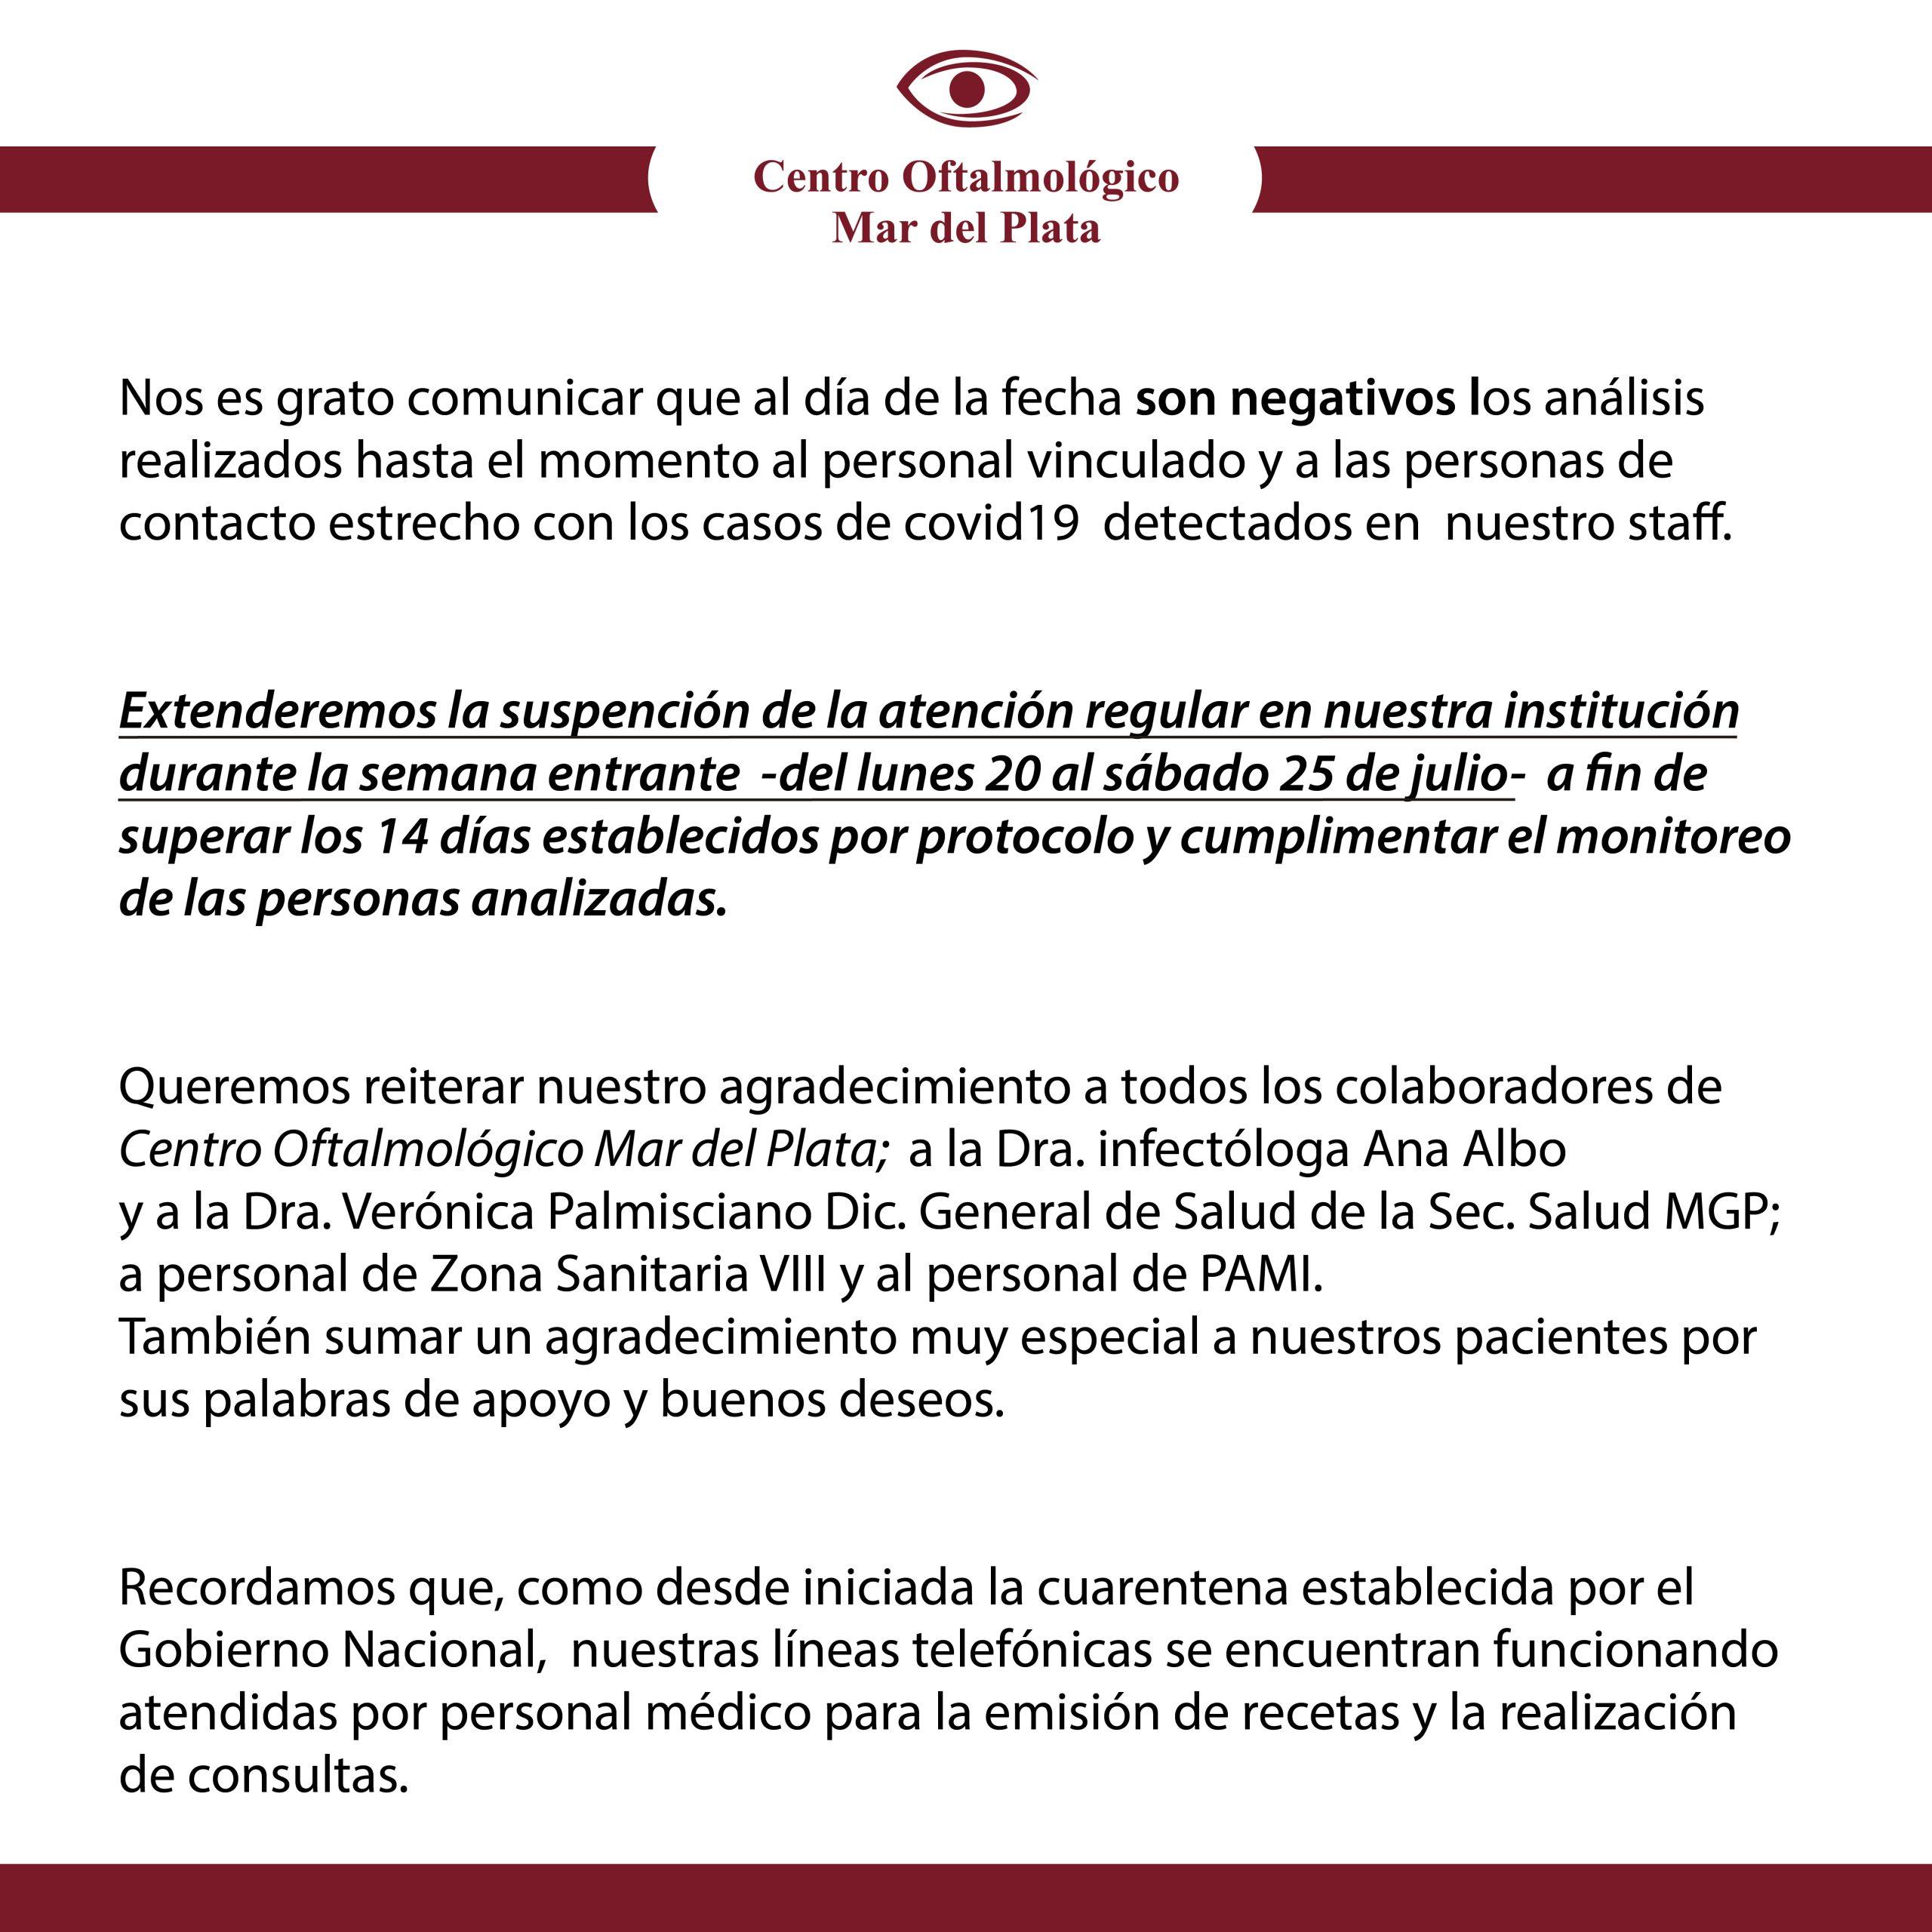 Centro oftalmológico confirma que no se registraron nuevos casos de COVID-19